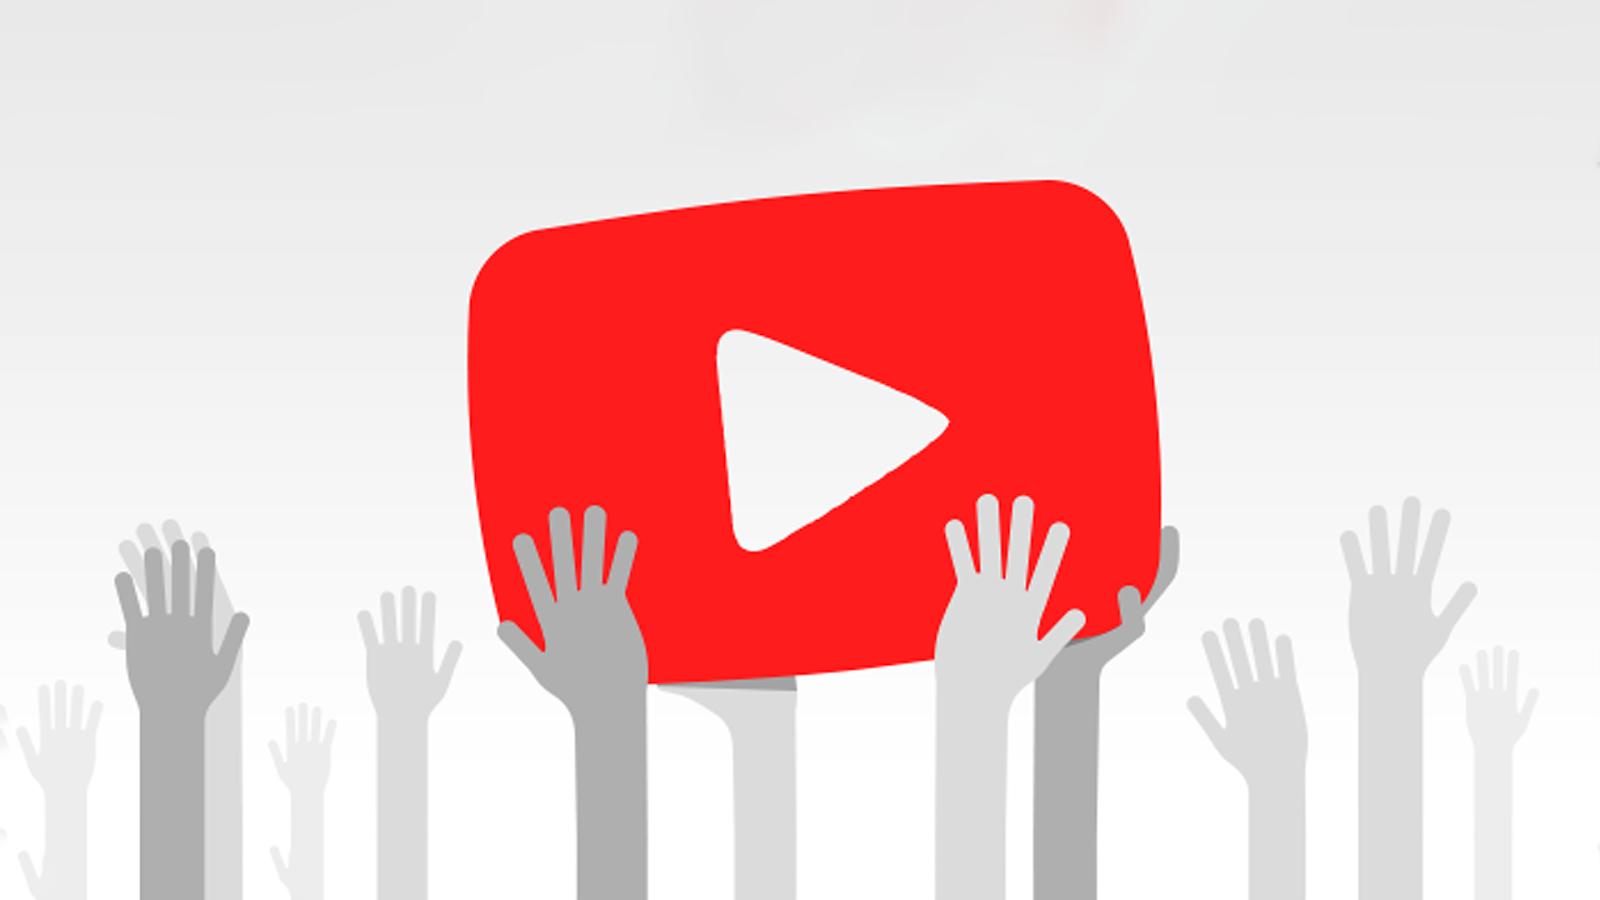 Youtube introduce Community: funzioni social per utenti e canali